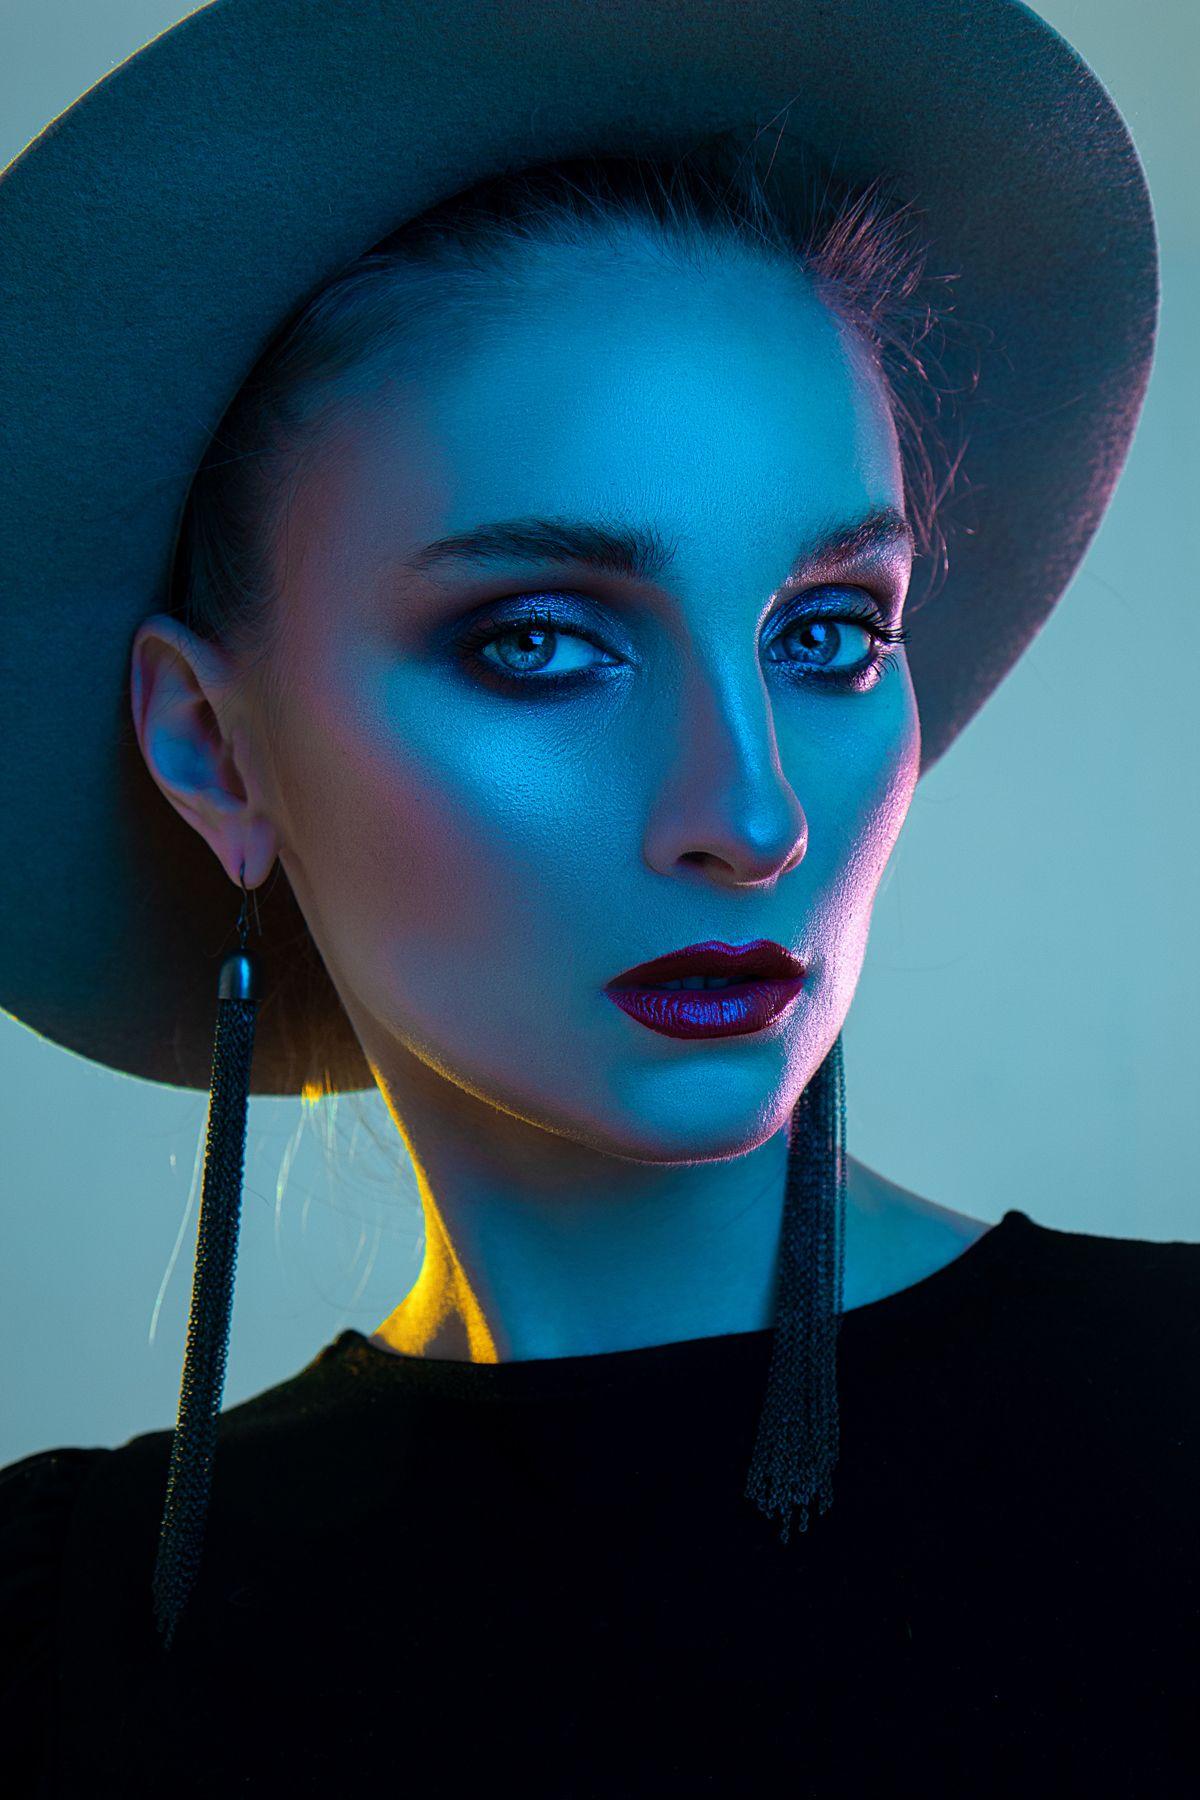 Катя портрет цветной свет фотостудия студийный цветные вспышки